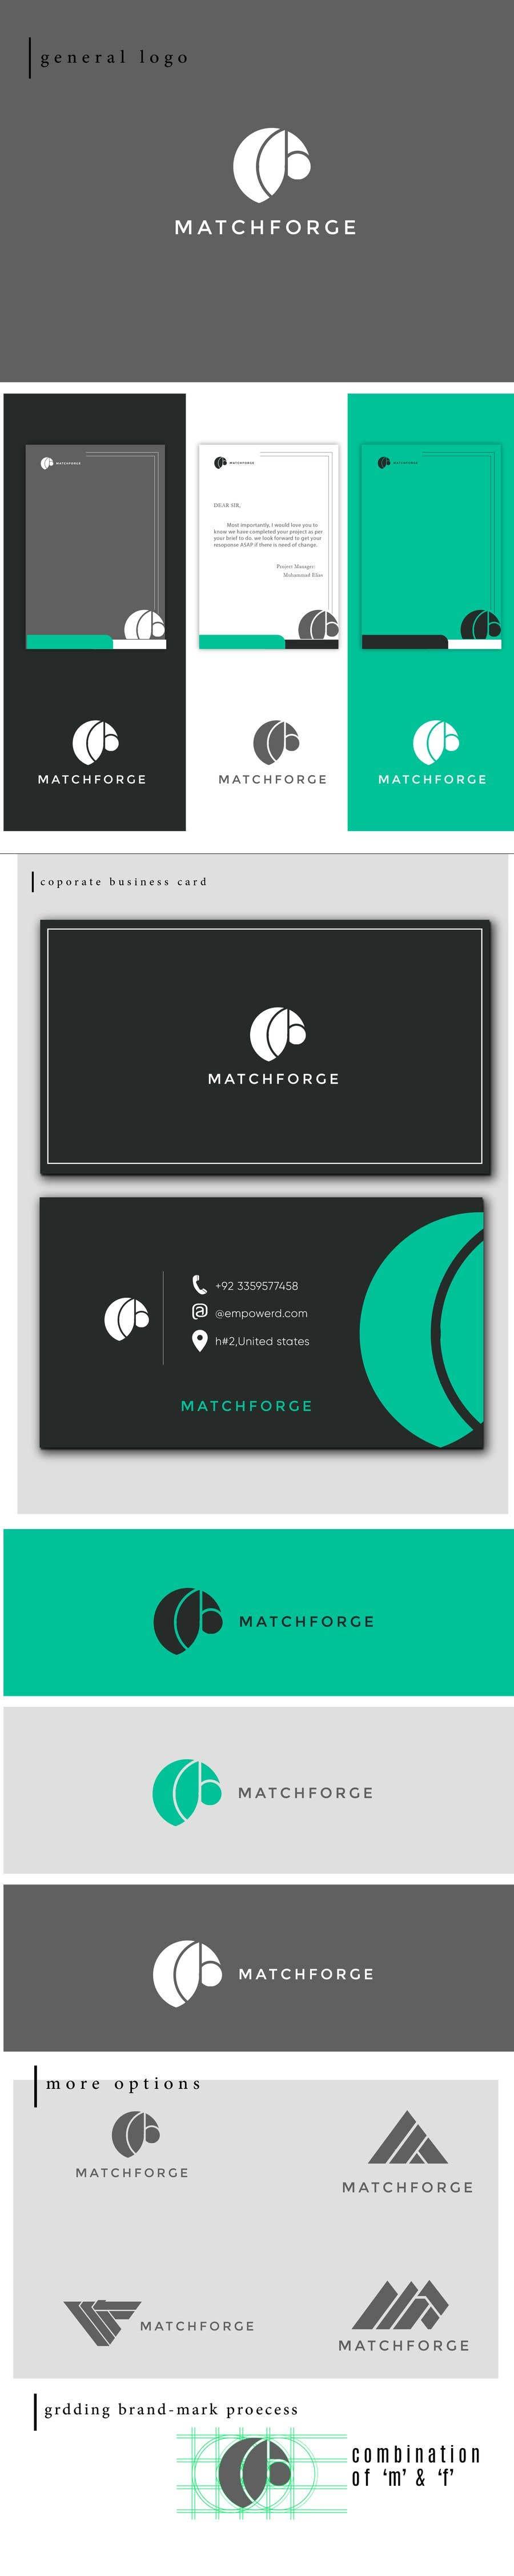 Penyertaan Peraduan #                                        119                                      untuk                                         Design a logo + Business Card + Letterhead + Branding + Social Media etc. (Gaming, Hosting, Panel, Dashboard, Product)